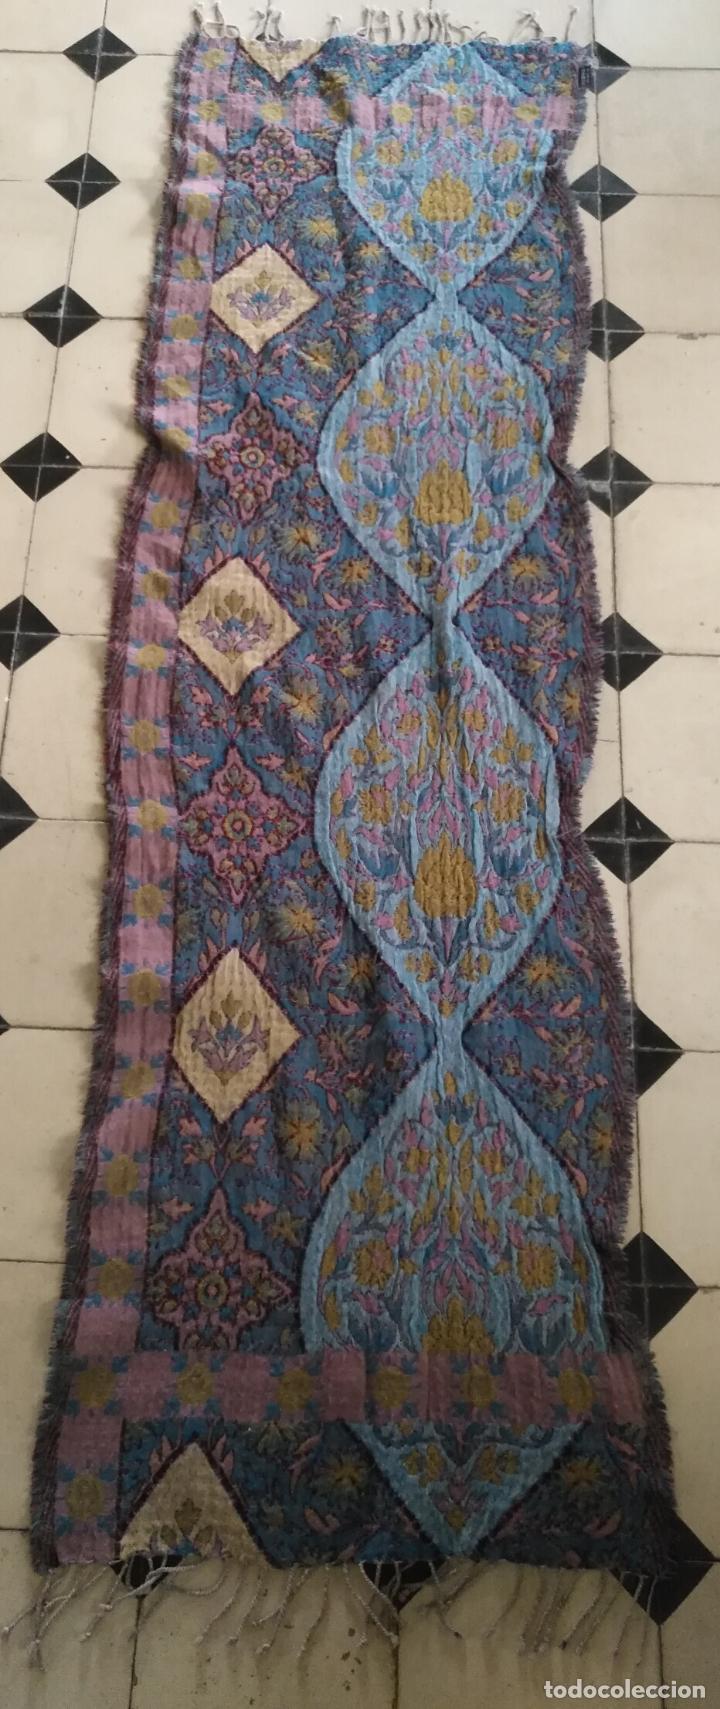 Antigüedades: manton mantoncillo fular pañuelo rectangular lana brocado 2 ver caras 170 x 49 cm aproximadamente - Foto 8 - 156848606